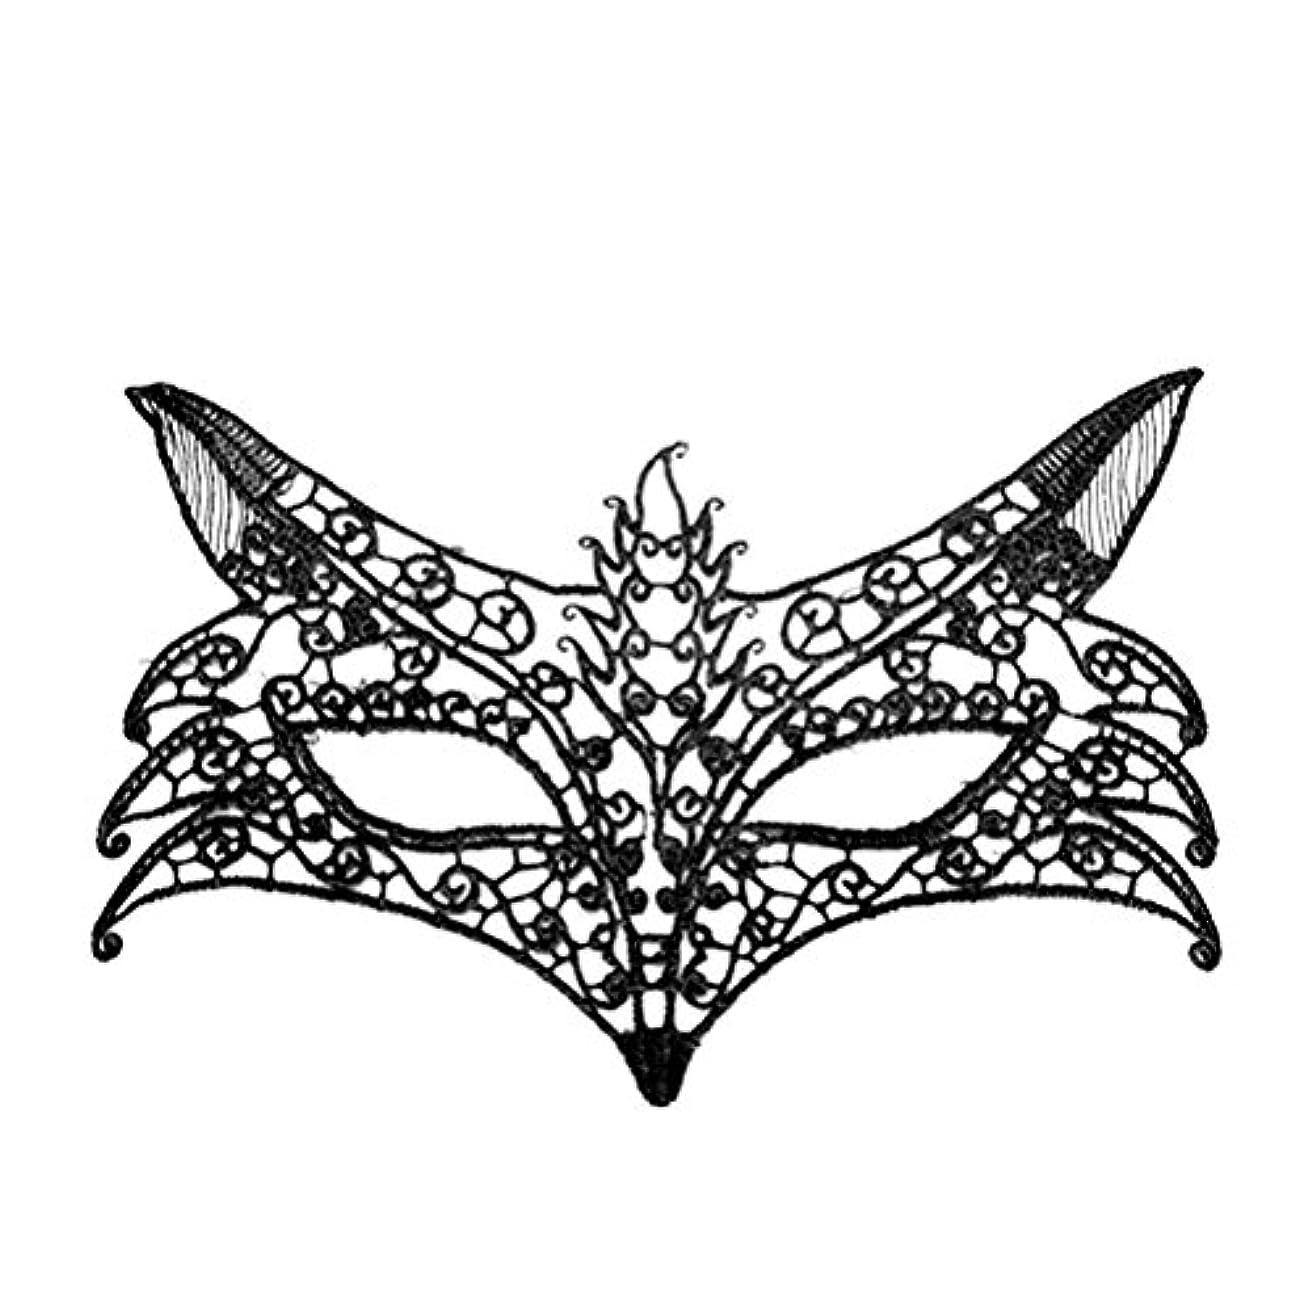 比類のない火炎マサッチョAMOSFUN キツネの形をしたレースパーティーマスクイブニングパーティーウエディングマスカレードマスク(ブラック)